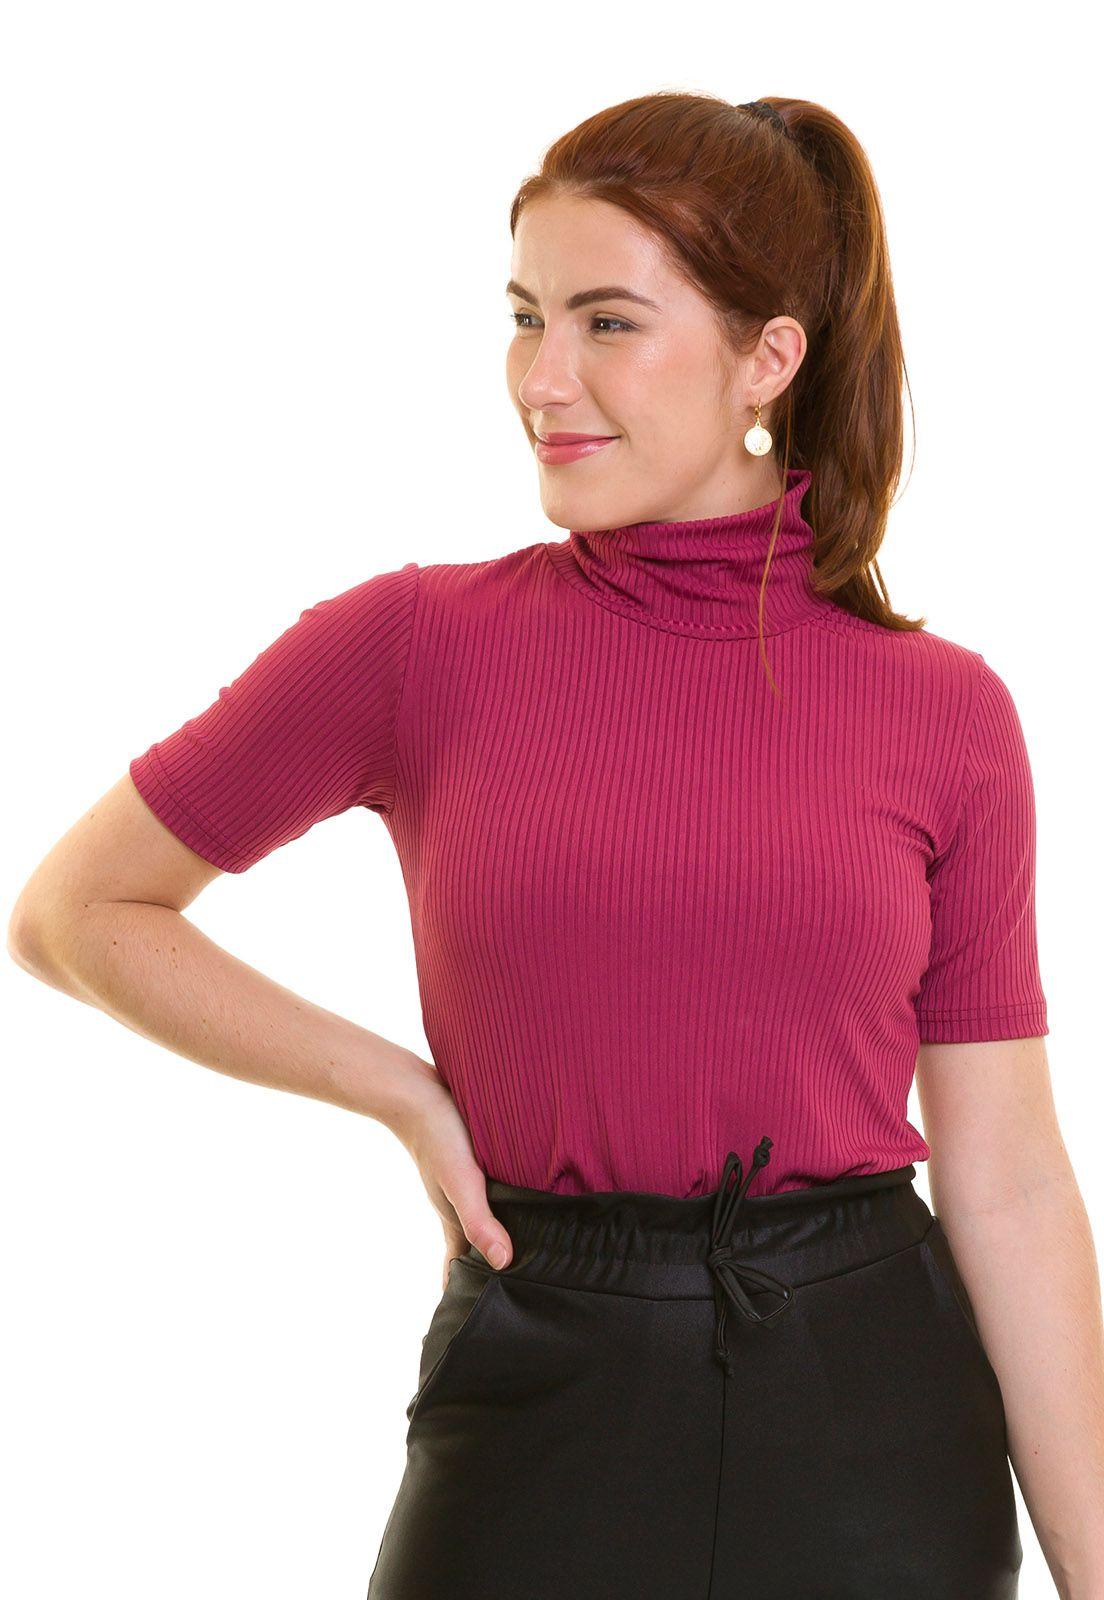 Blusa Gola Alta Canelada  Manga Curta Rosa escuro